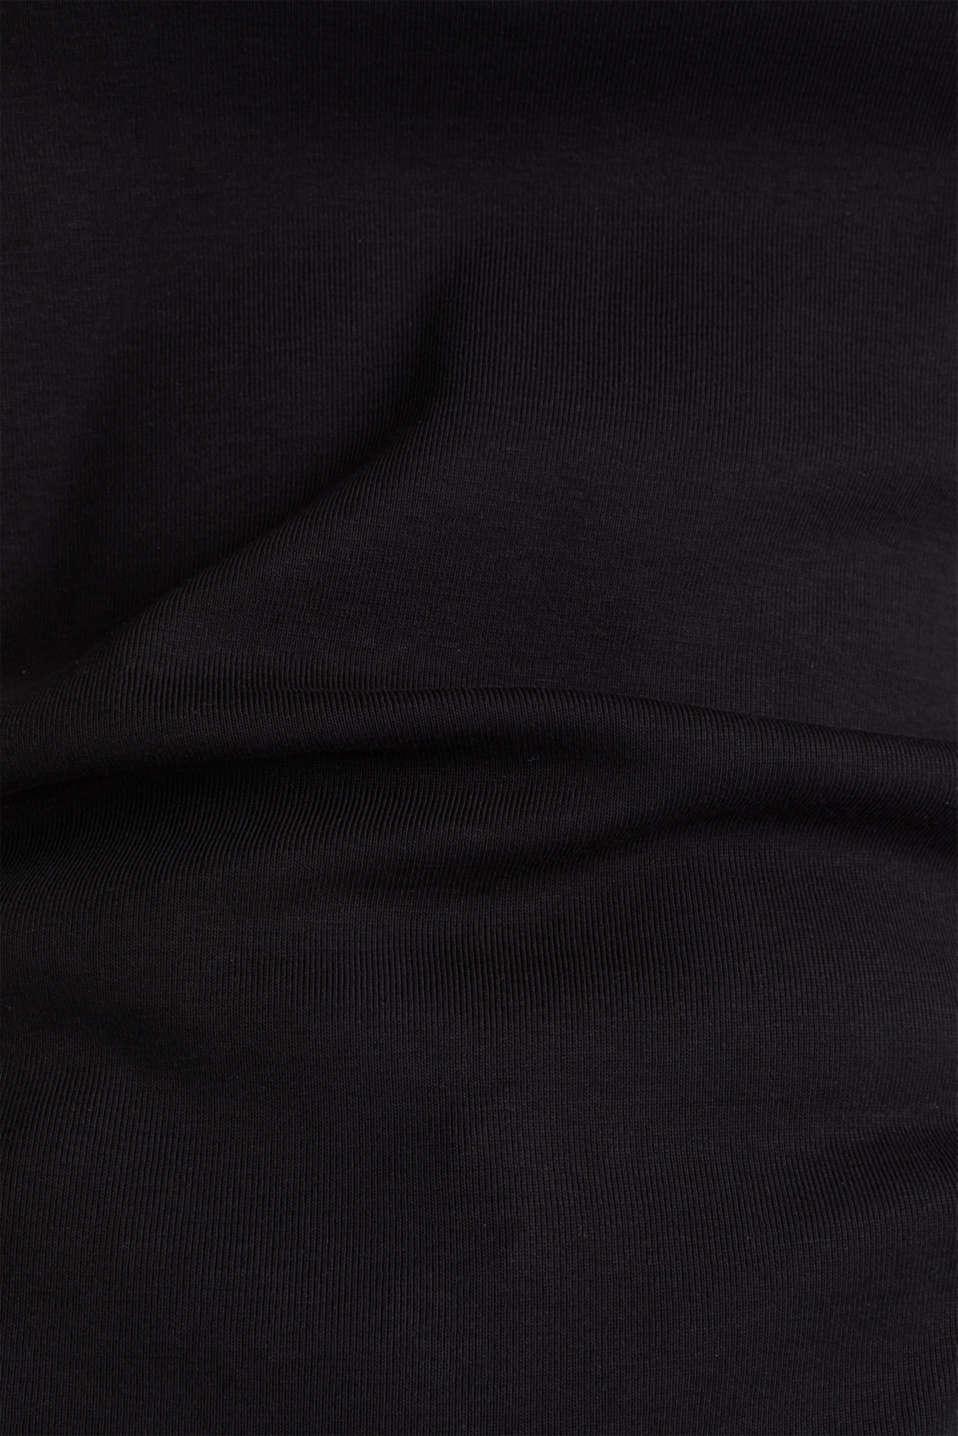 Rhinestone logo top, 100% cotton, BLACK, detail image number 4